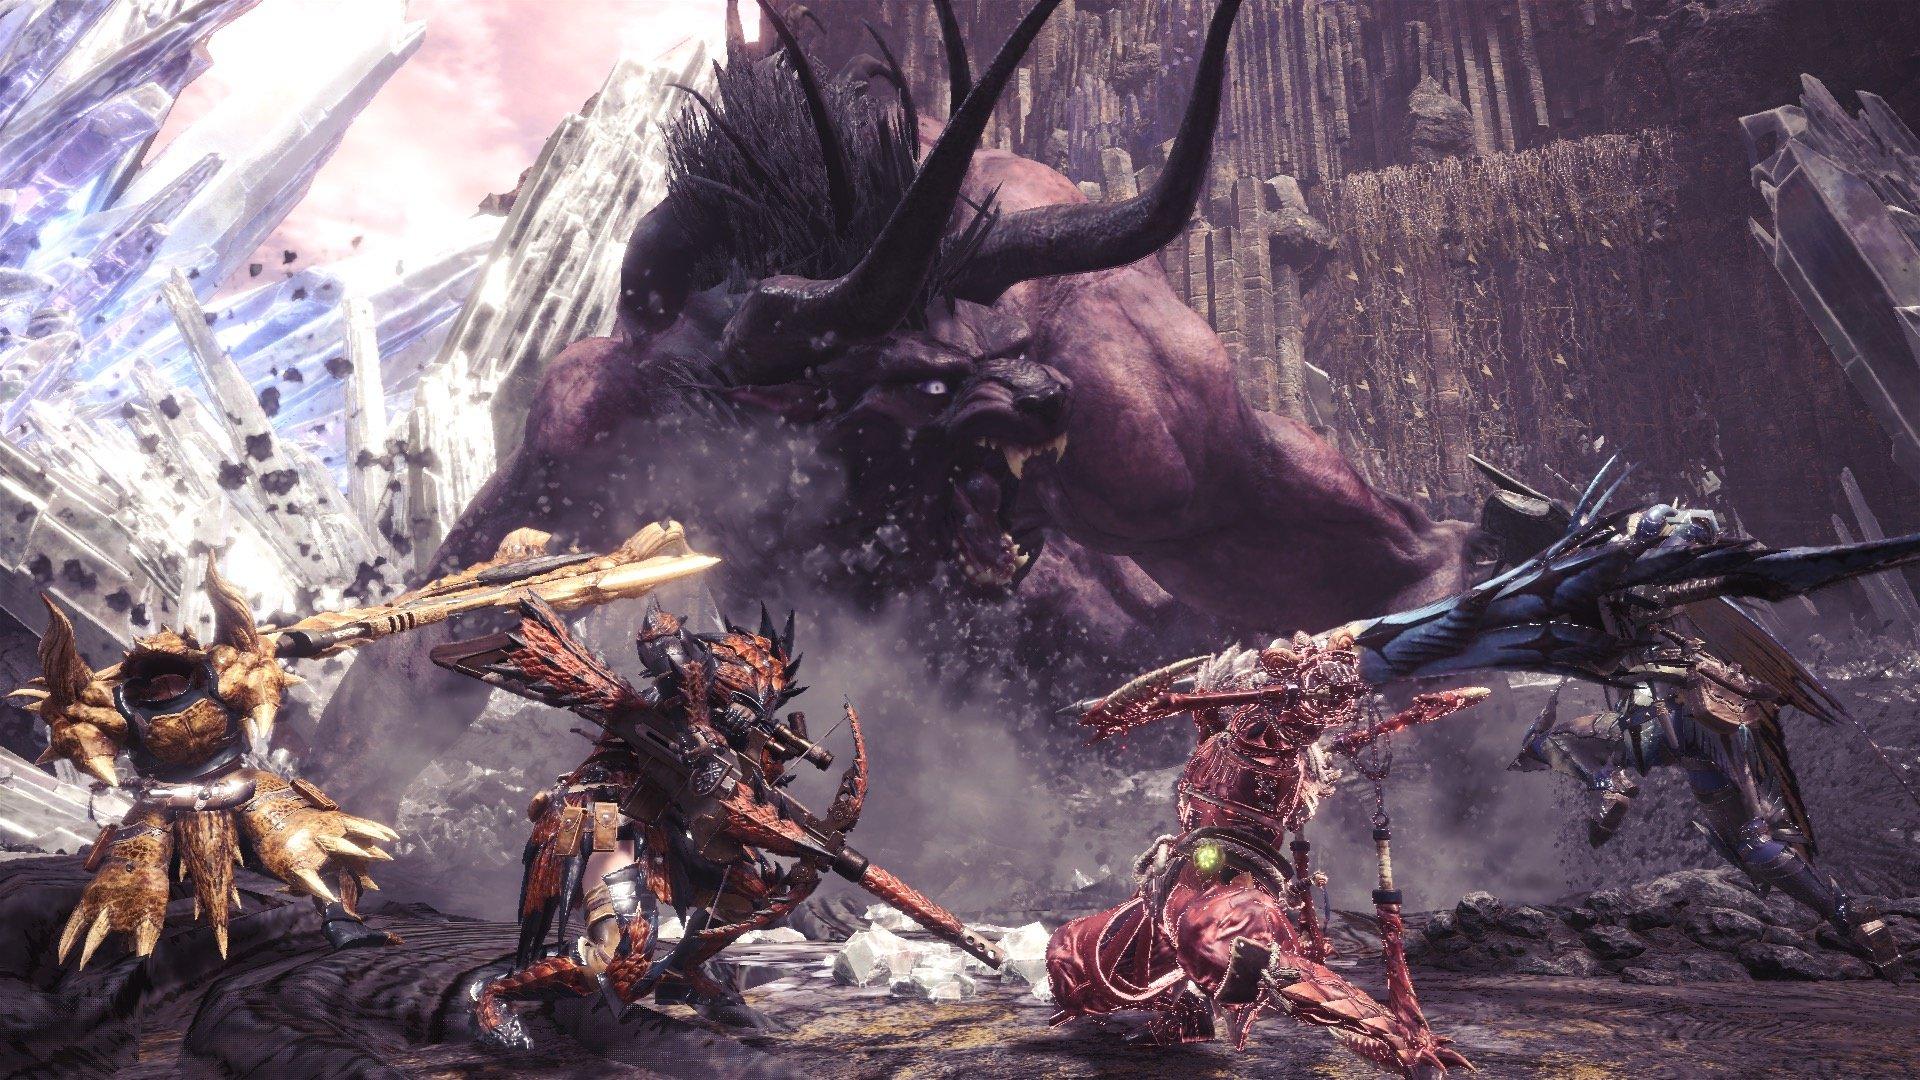 Экранизация Monster Hunter все еще похожа на «Обитель зла» — появился новый кадр из фильма